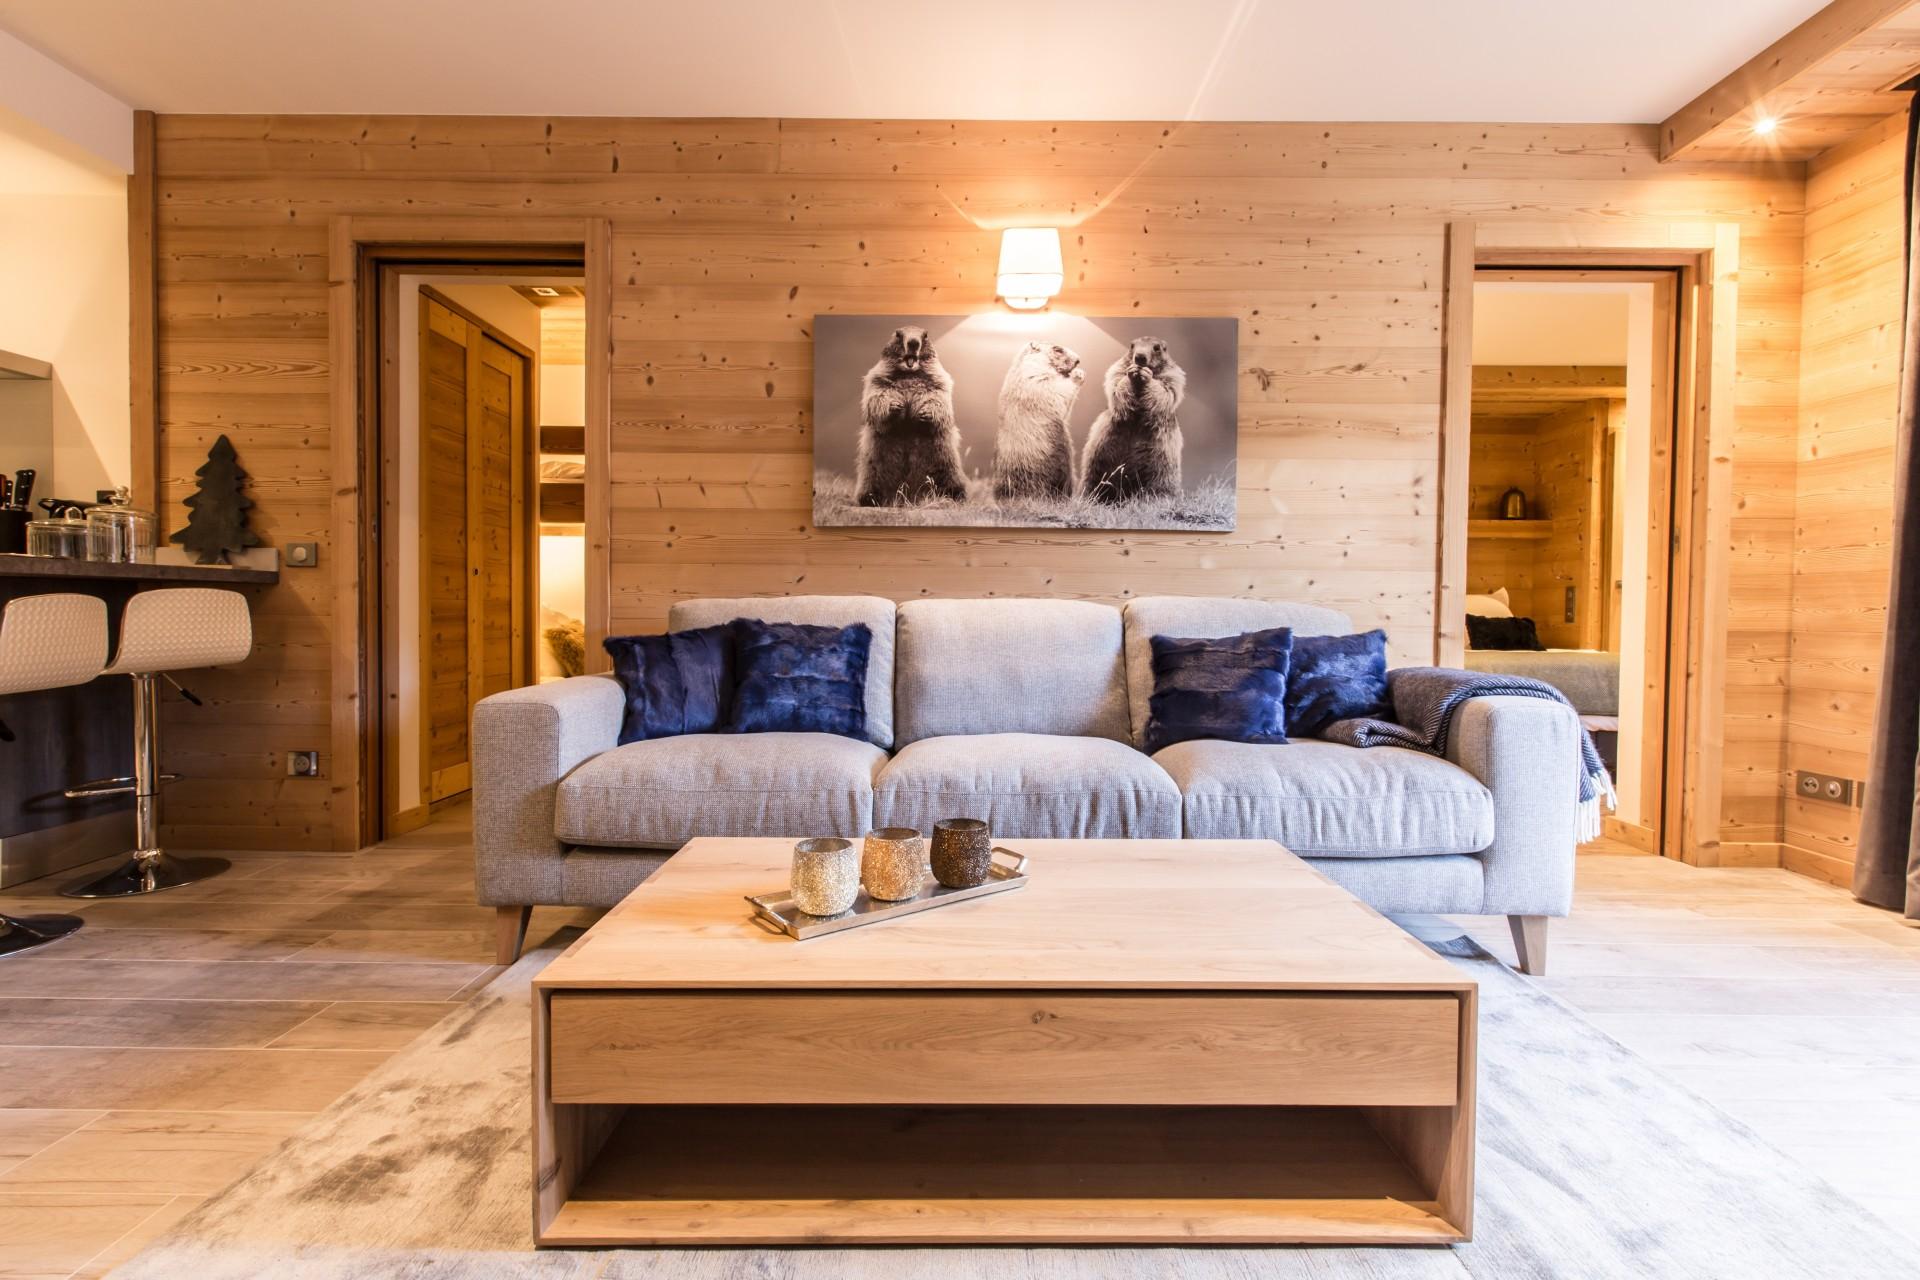 Courchevel 1650 Location Appartement Luxe Amicite Séjour 3